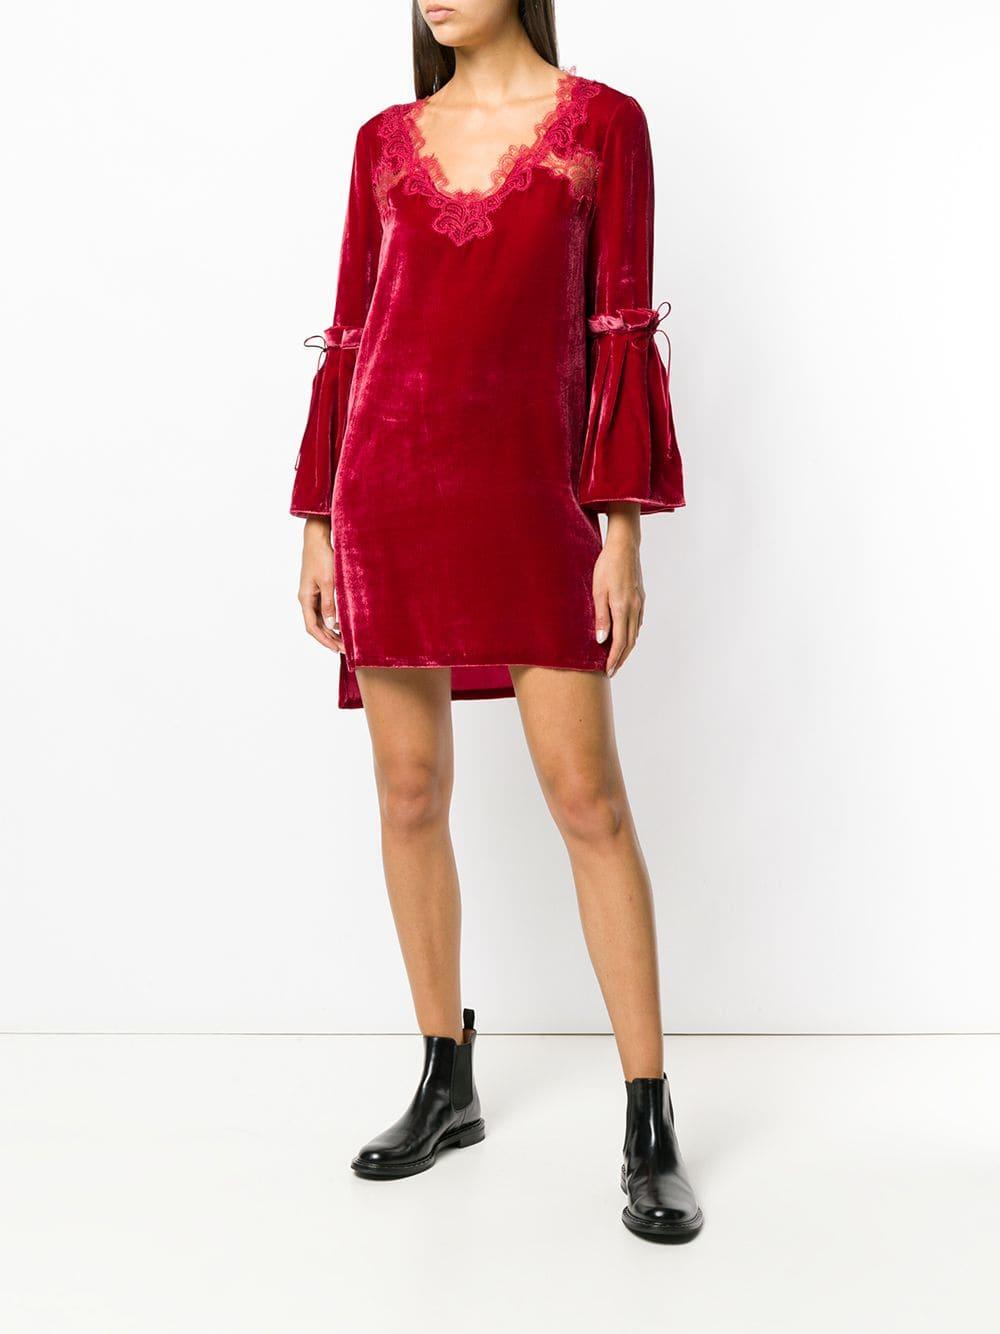 ERMANNO SCERVINO Short Lace Embellished Red Dress